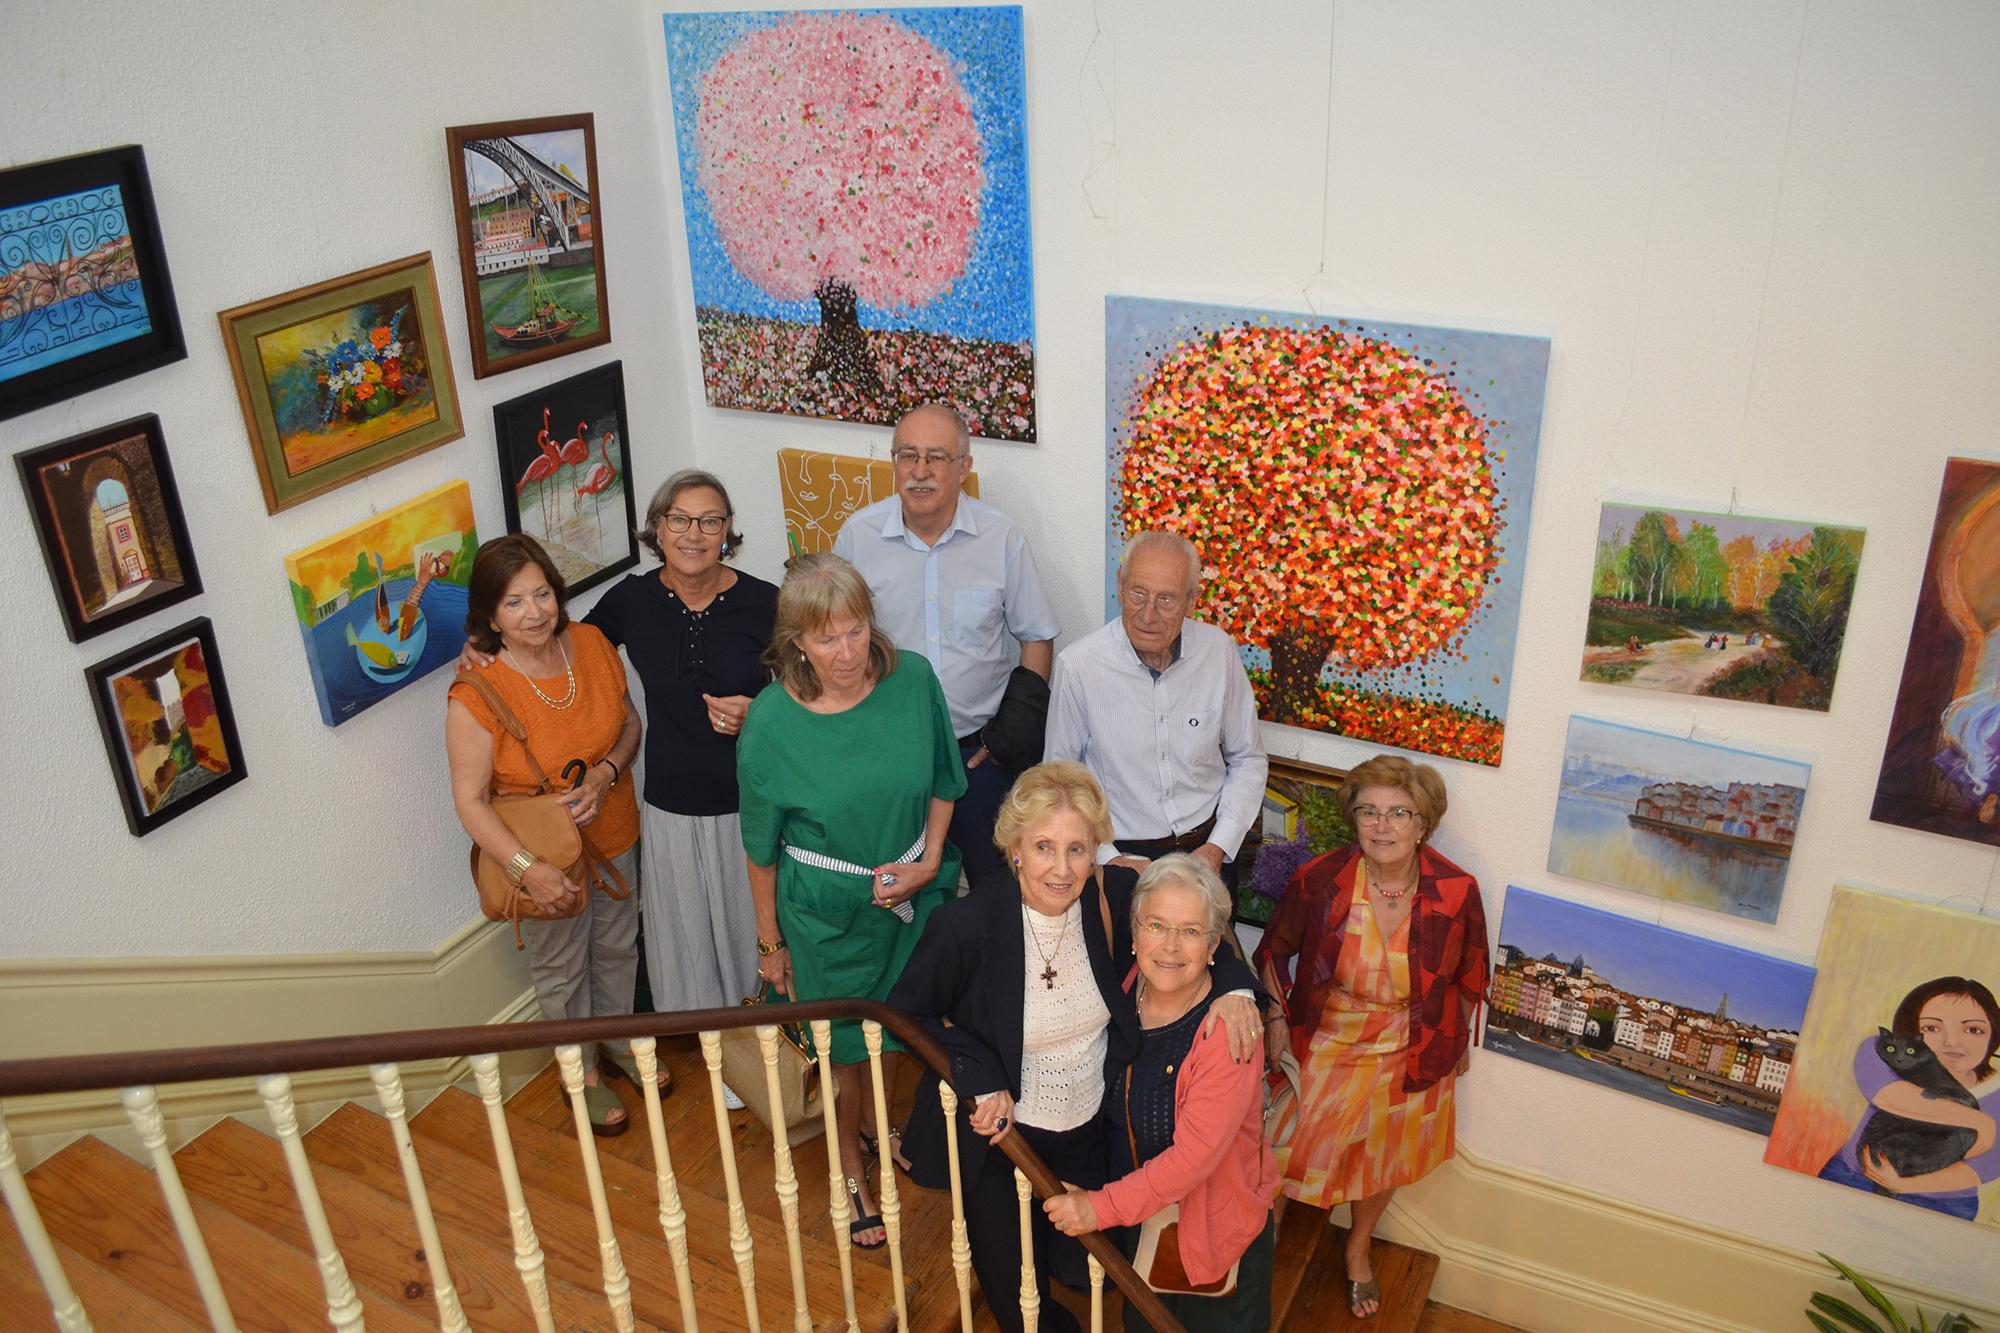 Alunos do curso de Desenho e Pintura, com os seus trabalhos em exposição.